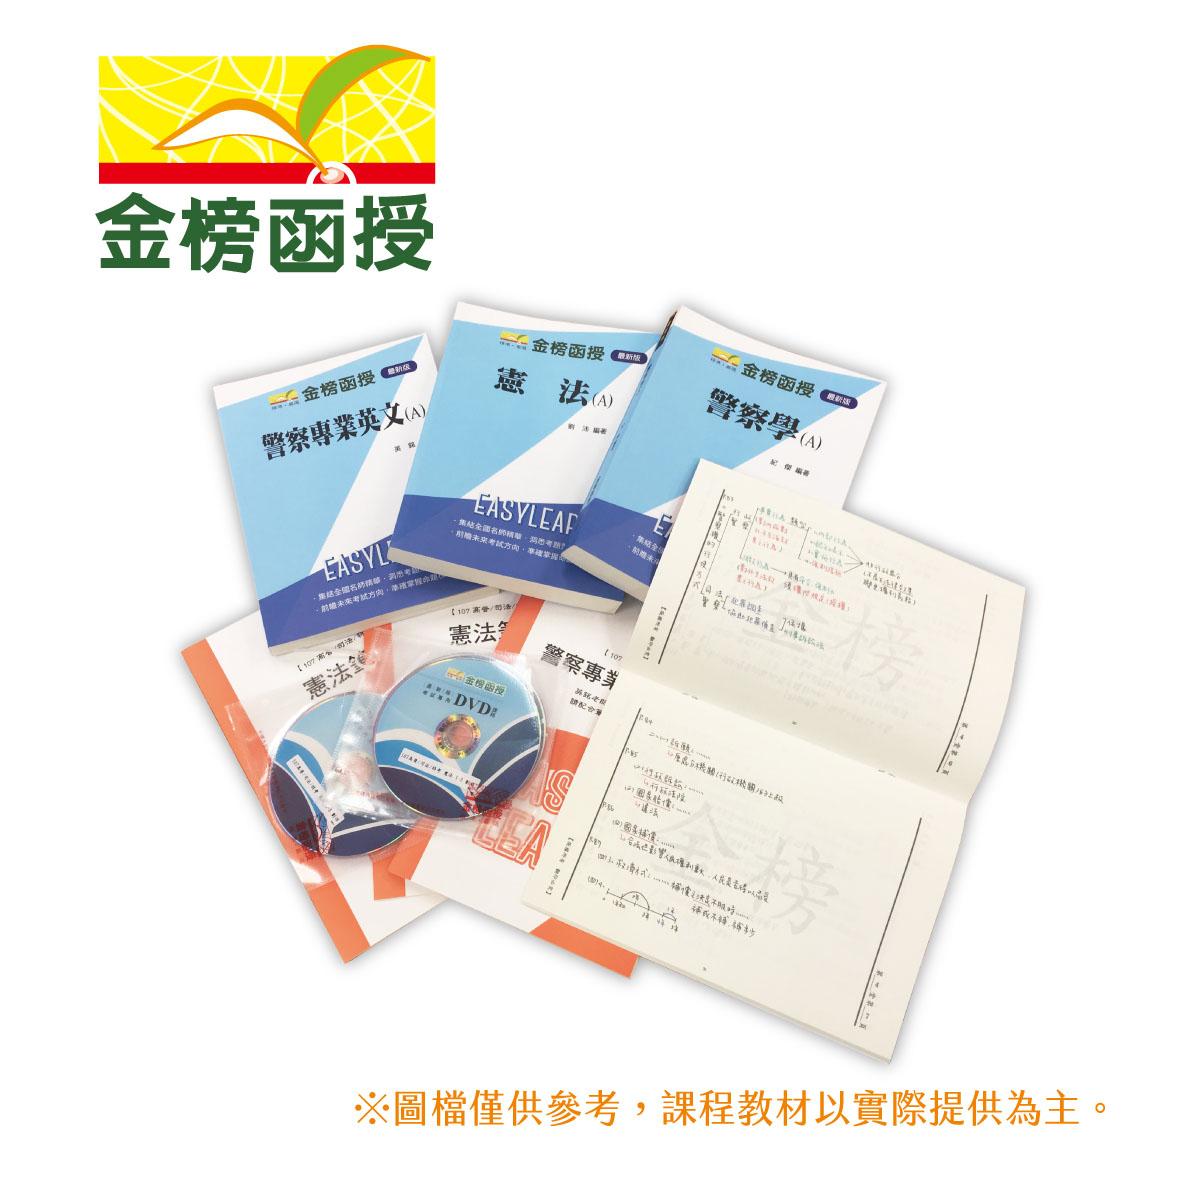 108金榜函授/高考三级/年度课程/全套/法律廉政/云端